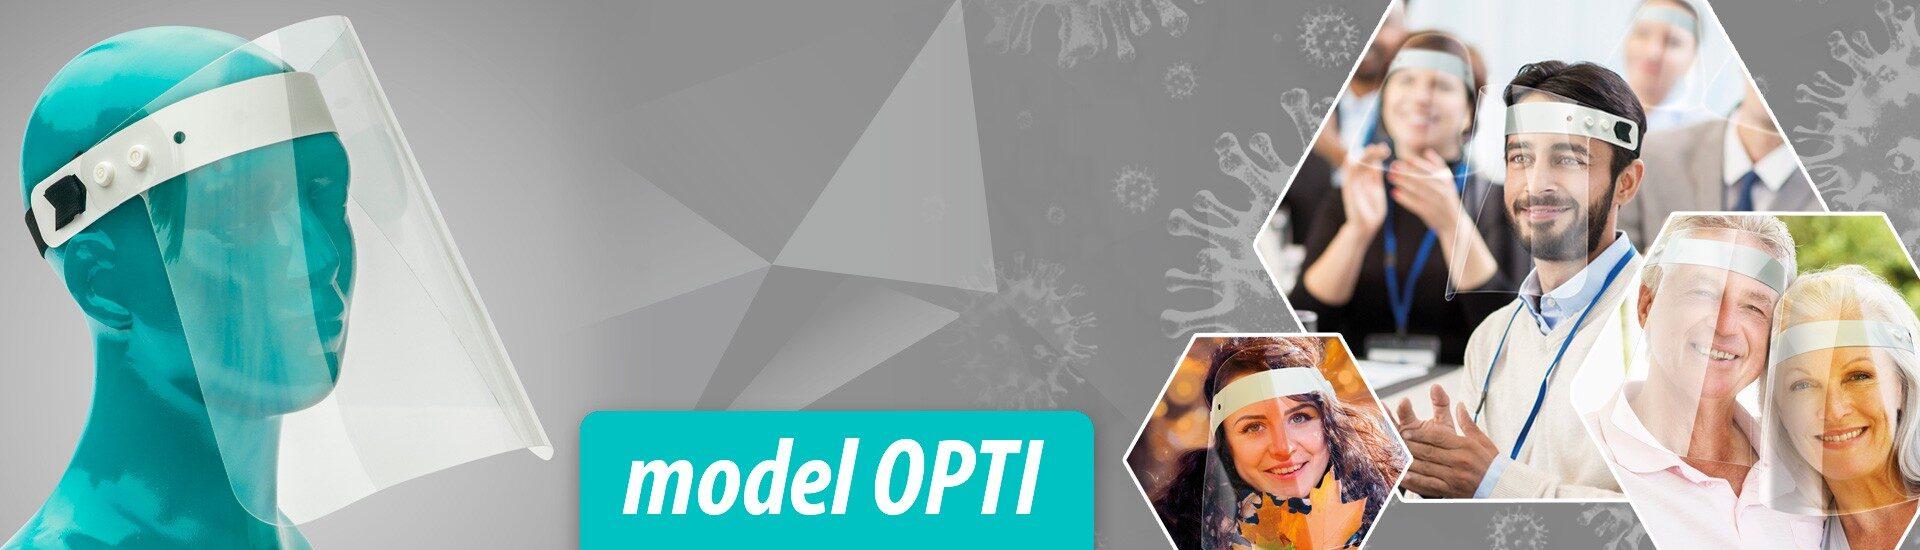 Model OPTI KRD